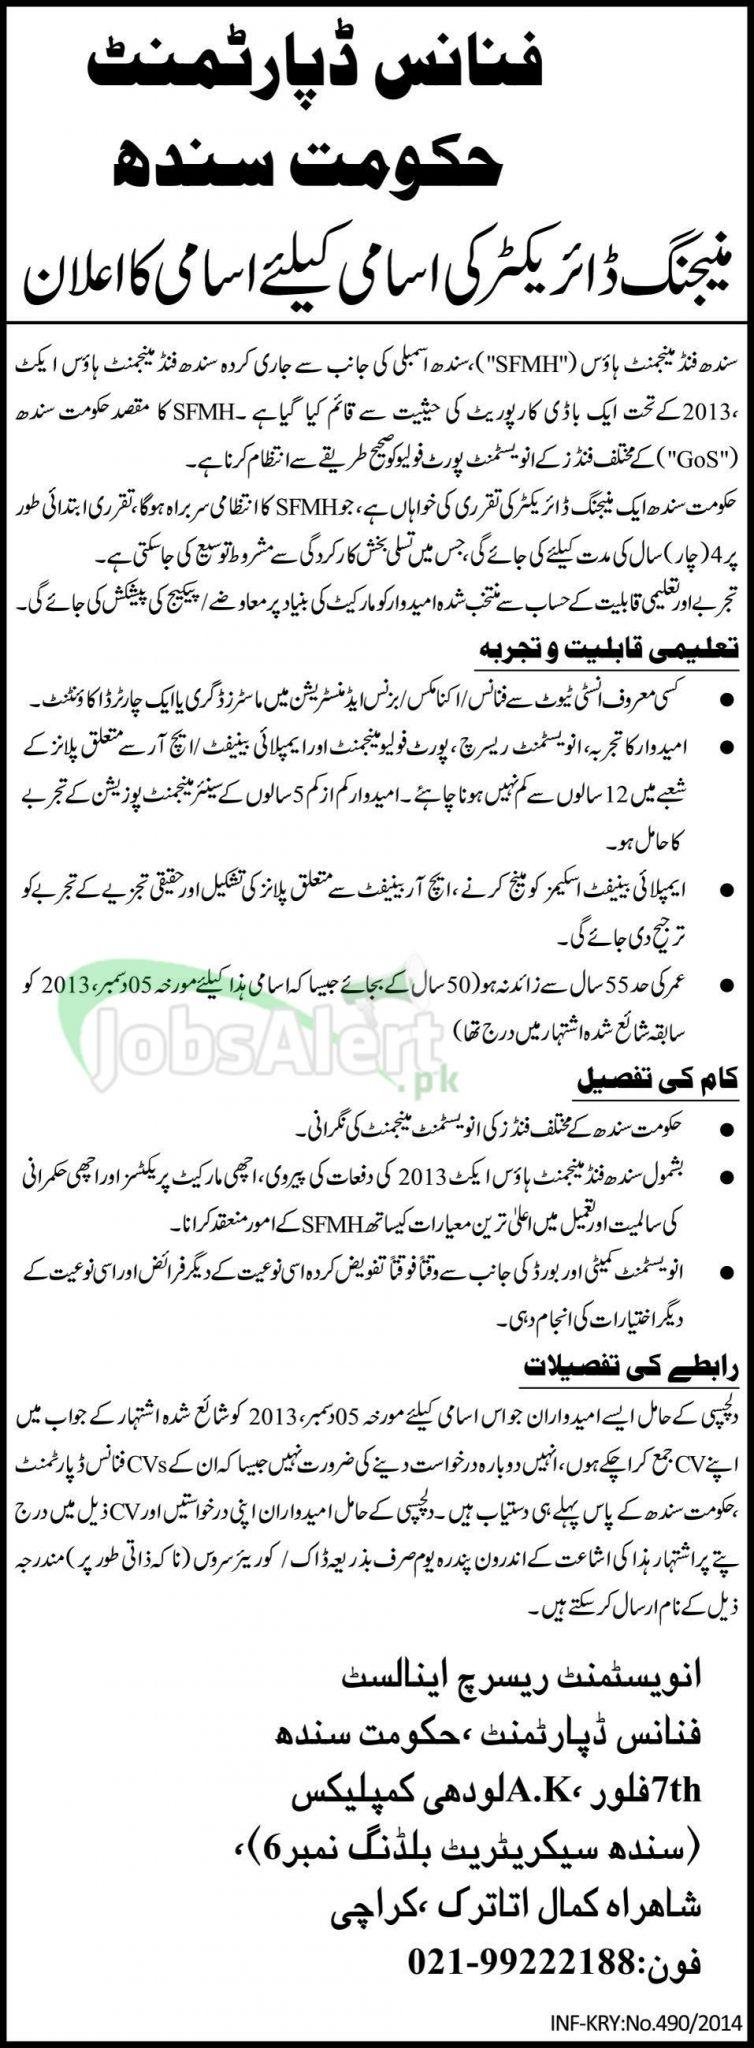 Managing Director Jobs in Finance Department Govt of Sindh Karachi